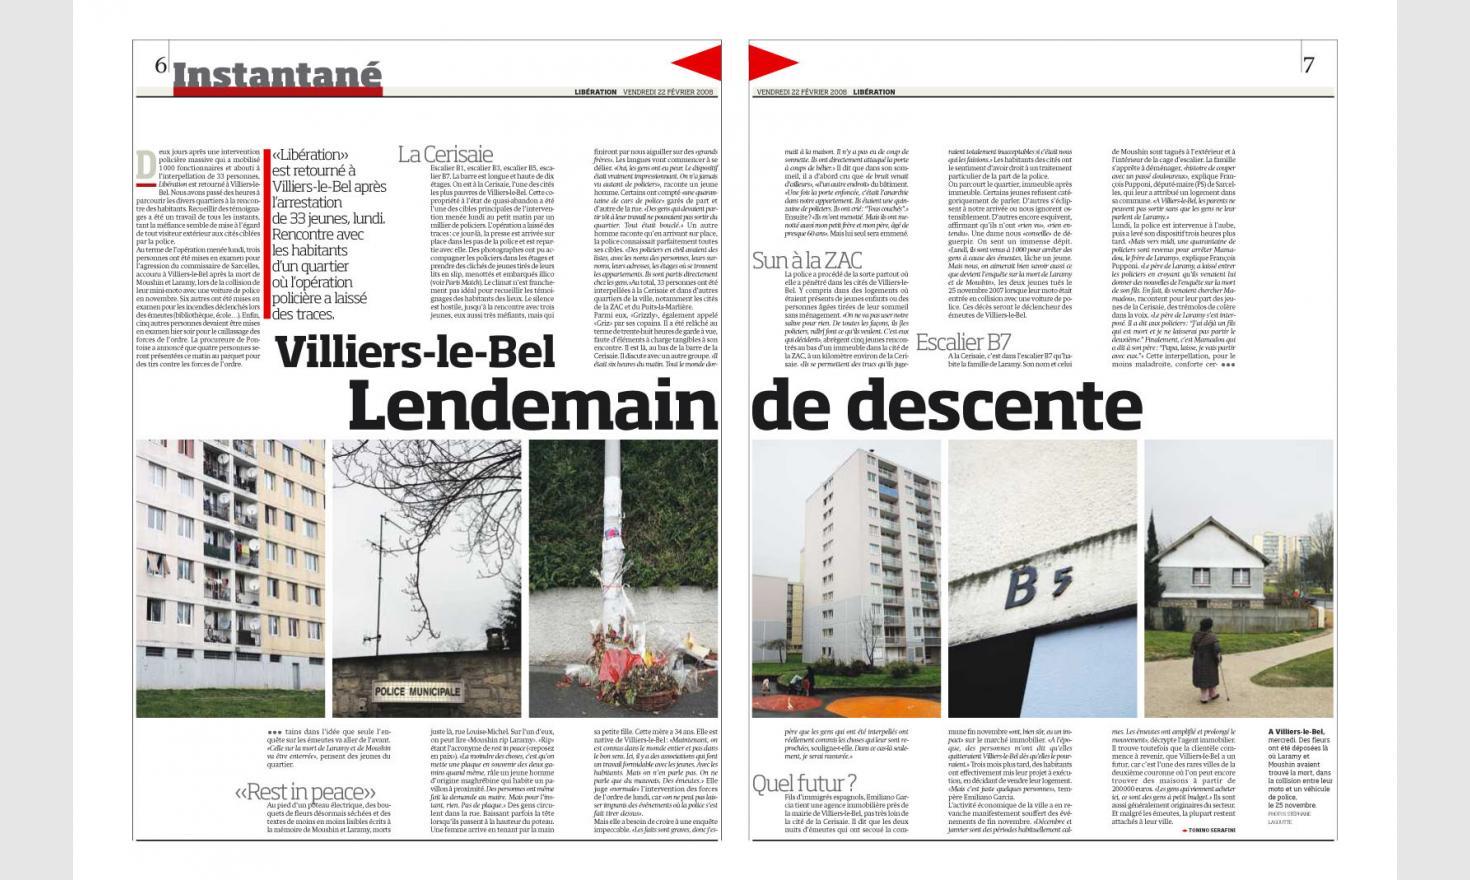 Libération - Villiers le Bel